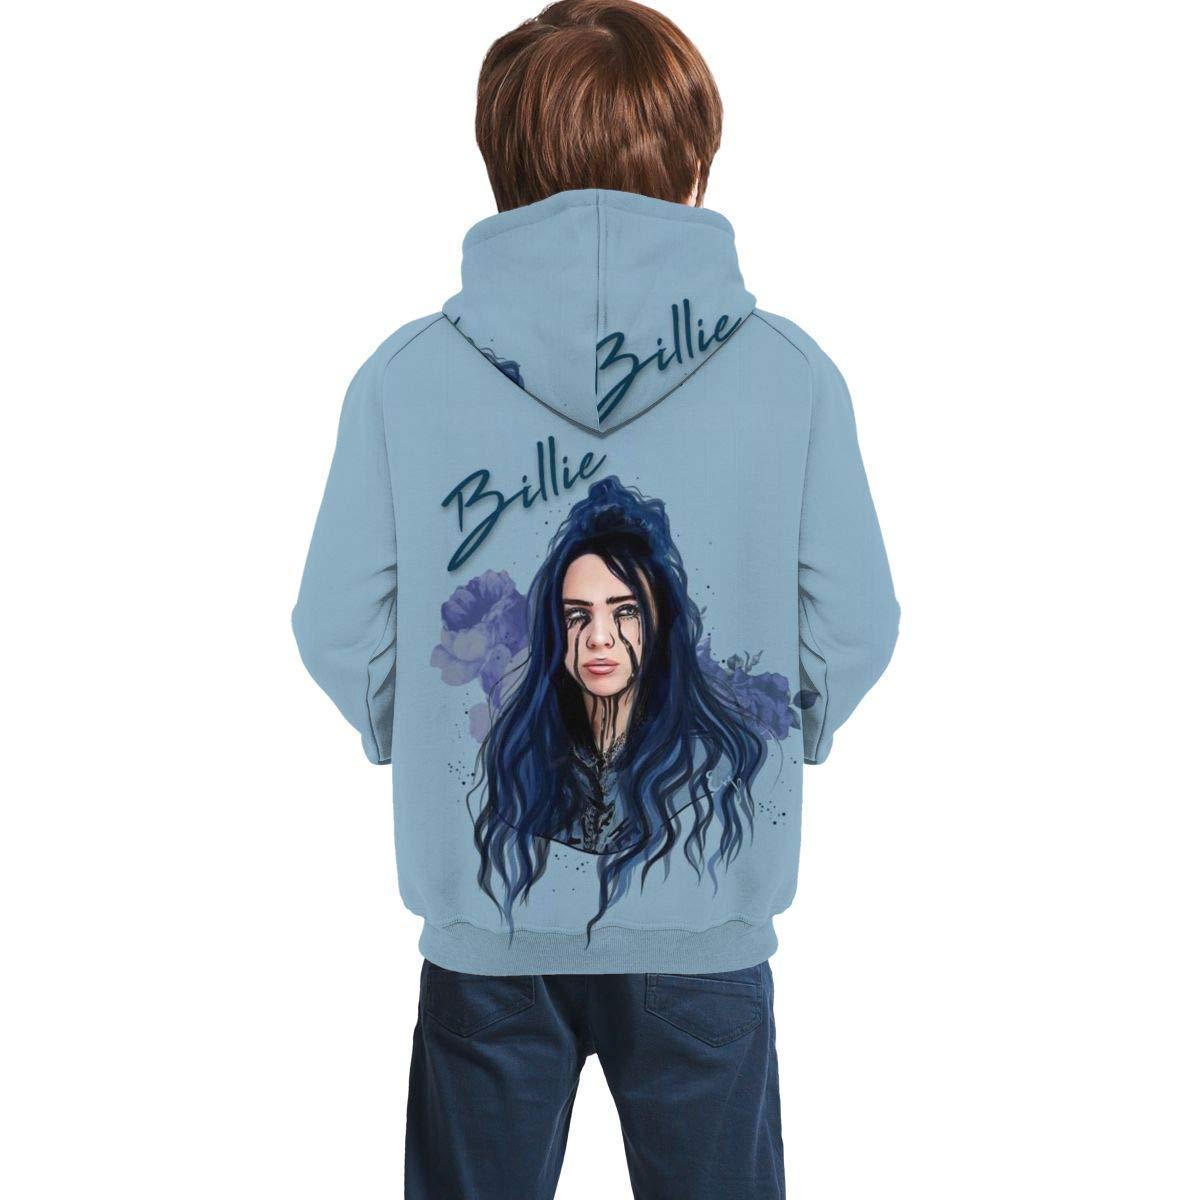 JInHuaLong Billie Eilish Hoodie Kids Sweatshirts Hoodies Youth Long Sleeve Tops 3D Print Unisex Pullover for Boys Girls